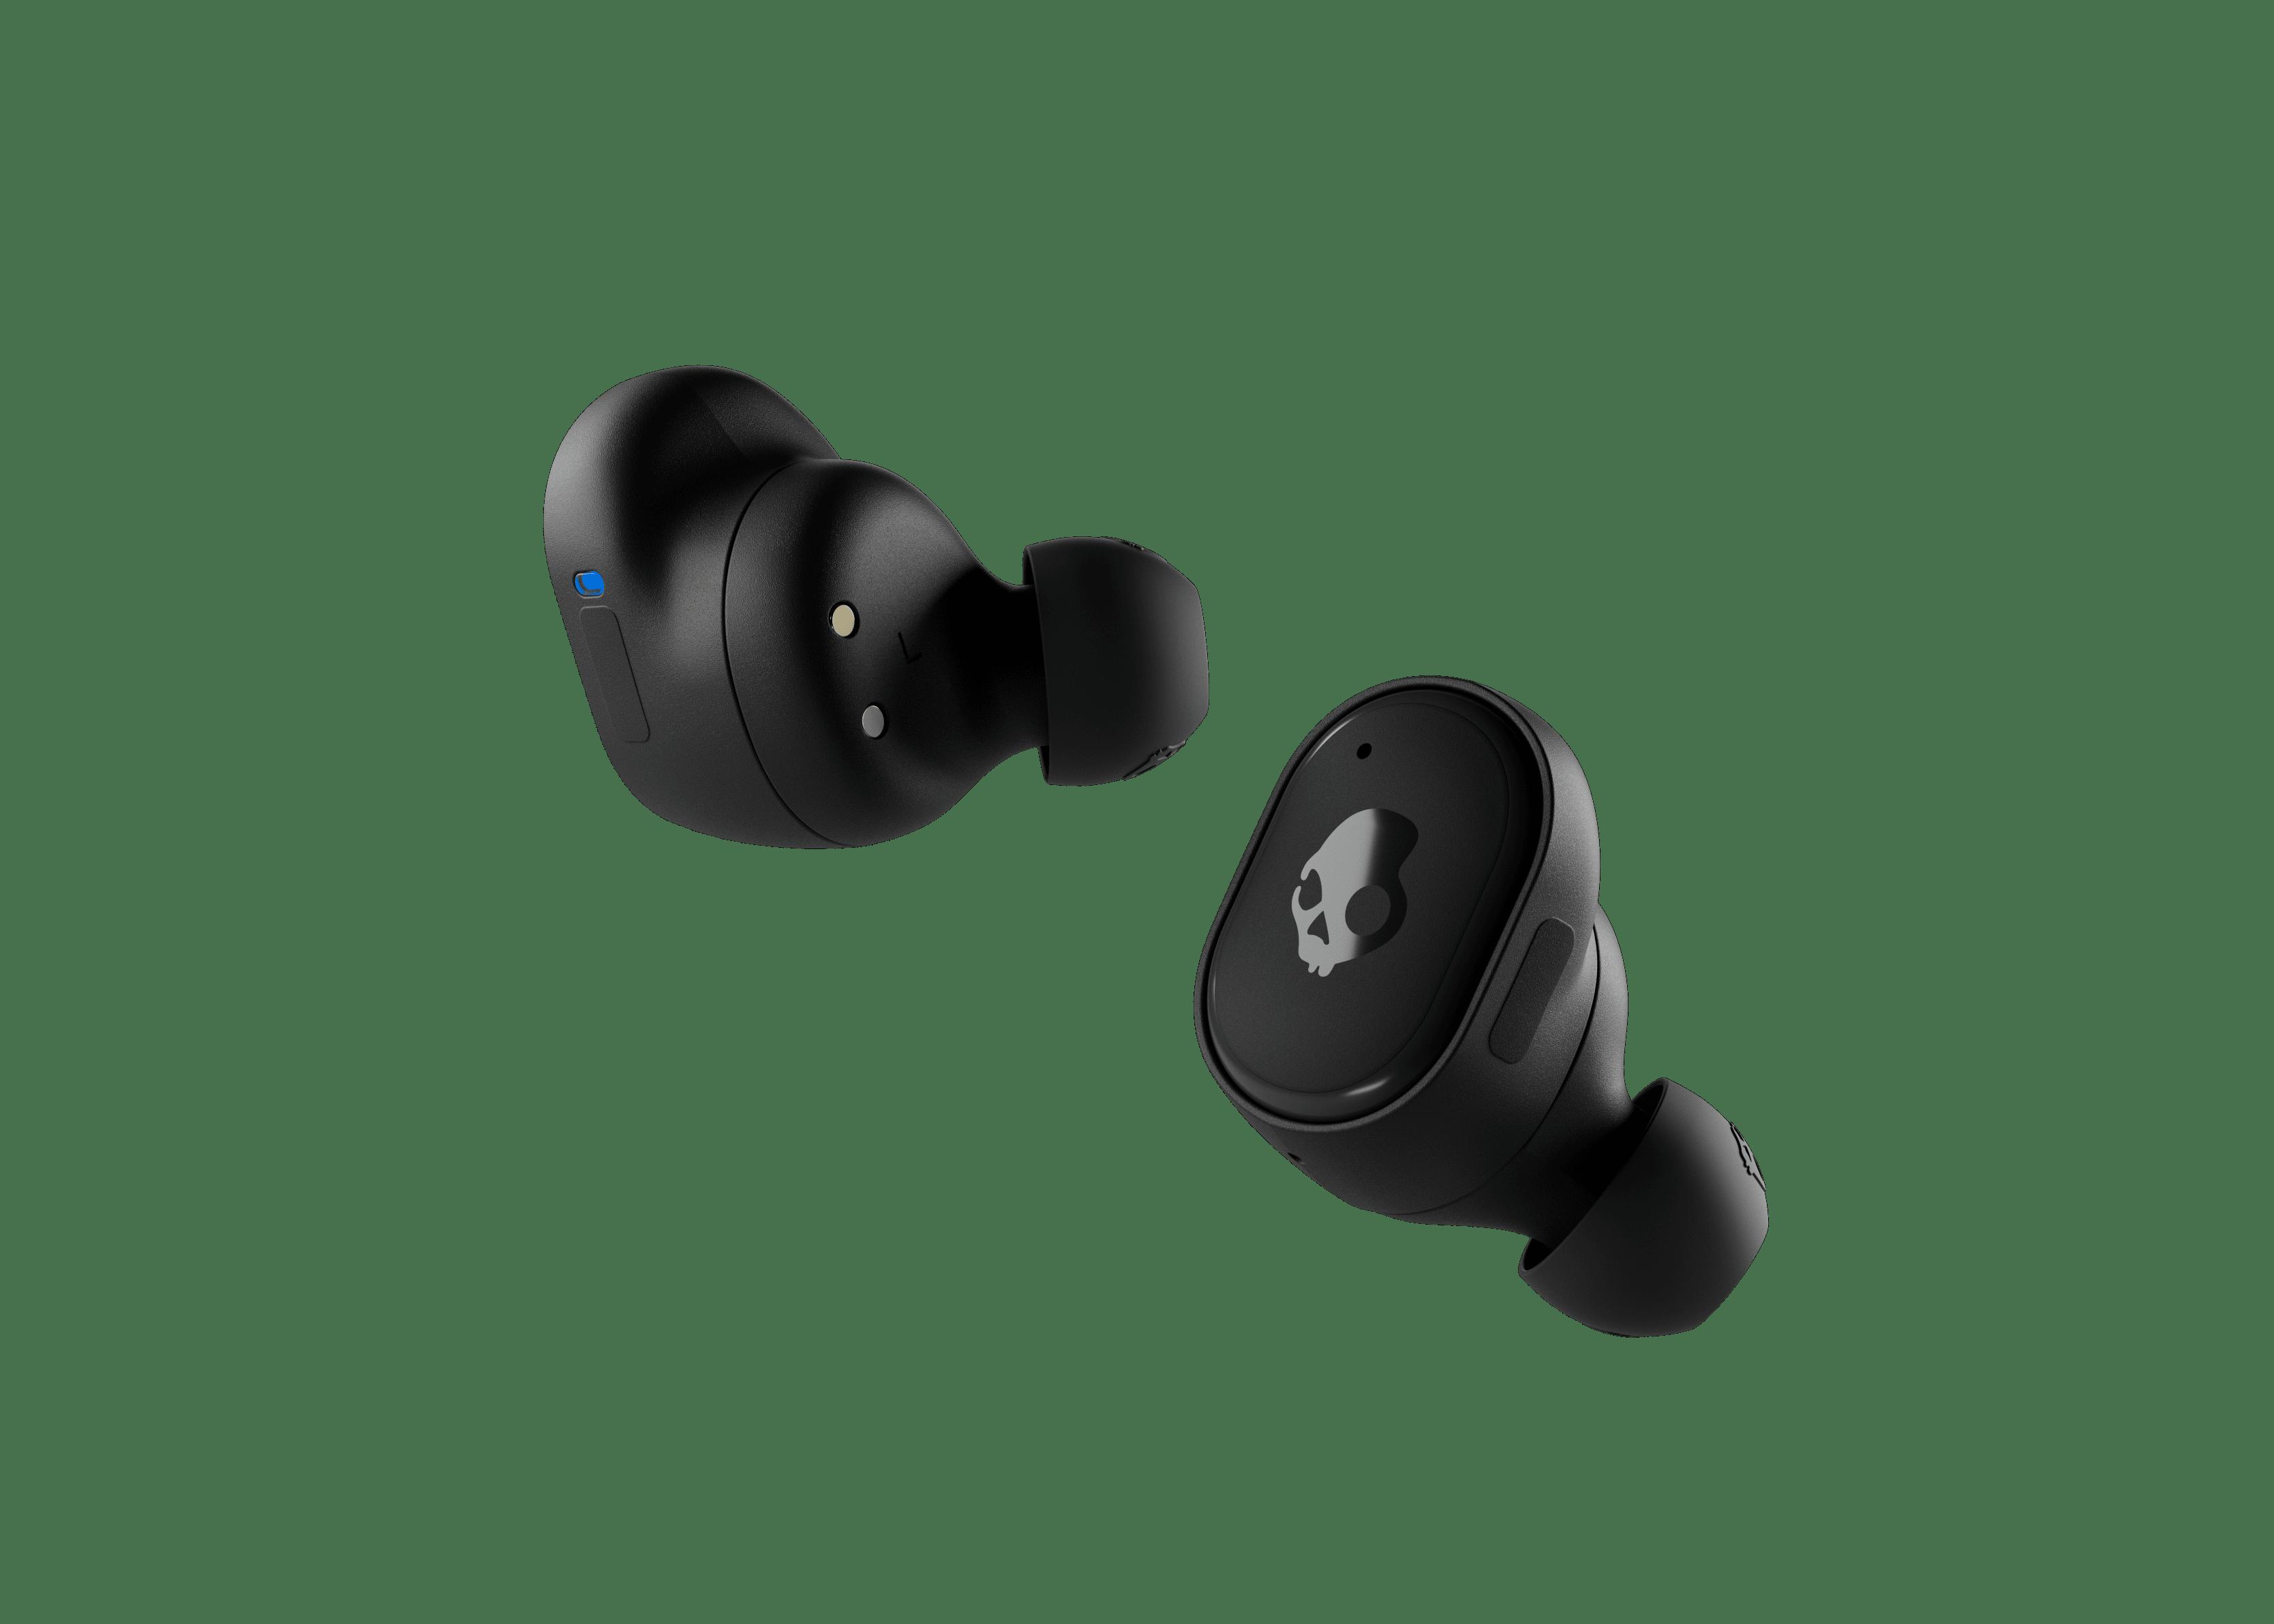 The Skullcandy Grind Fuel headphones.